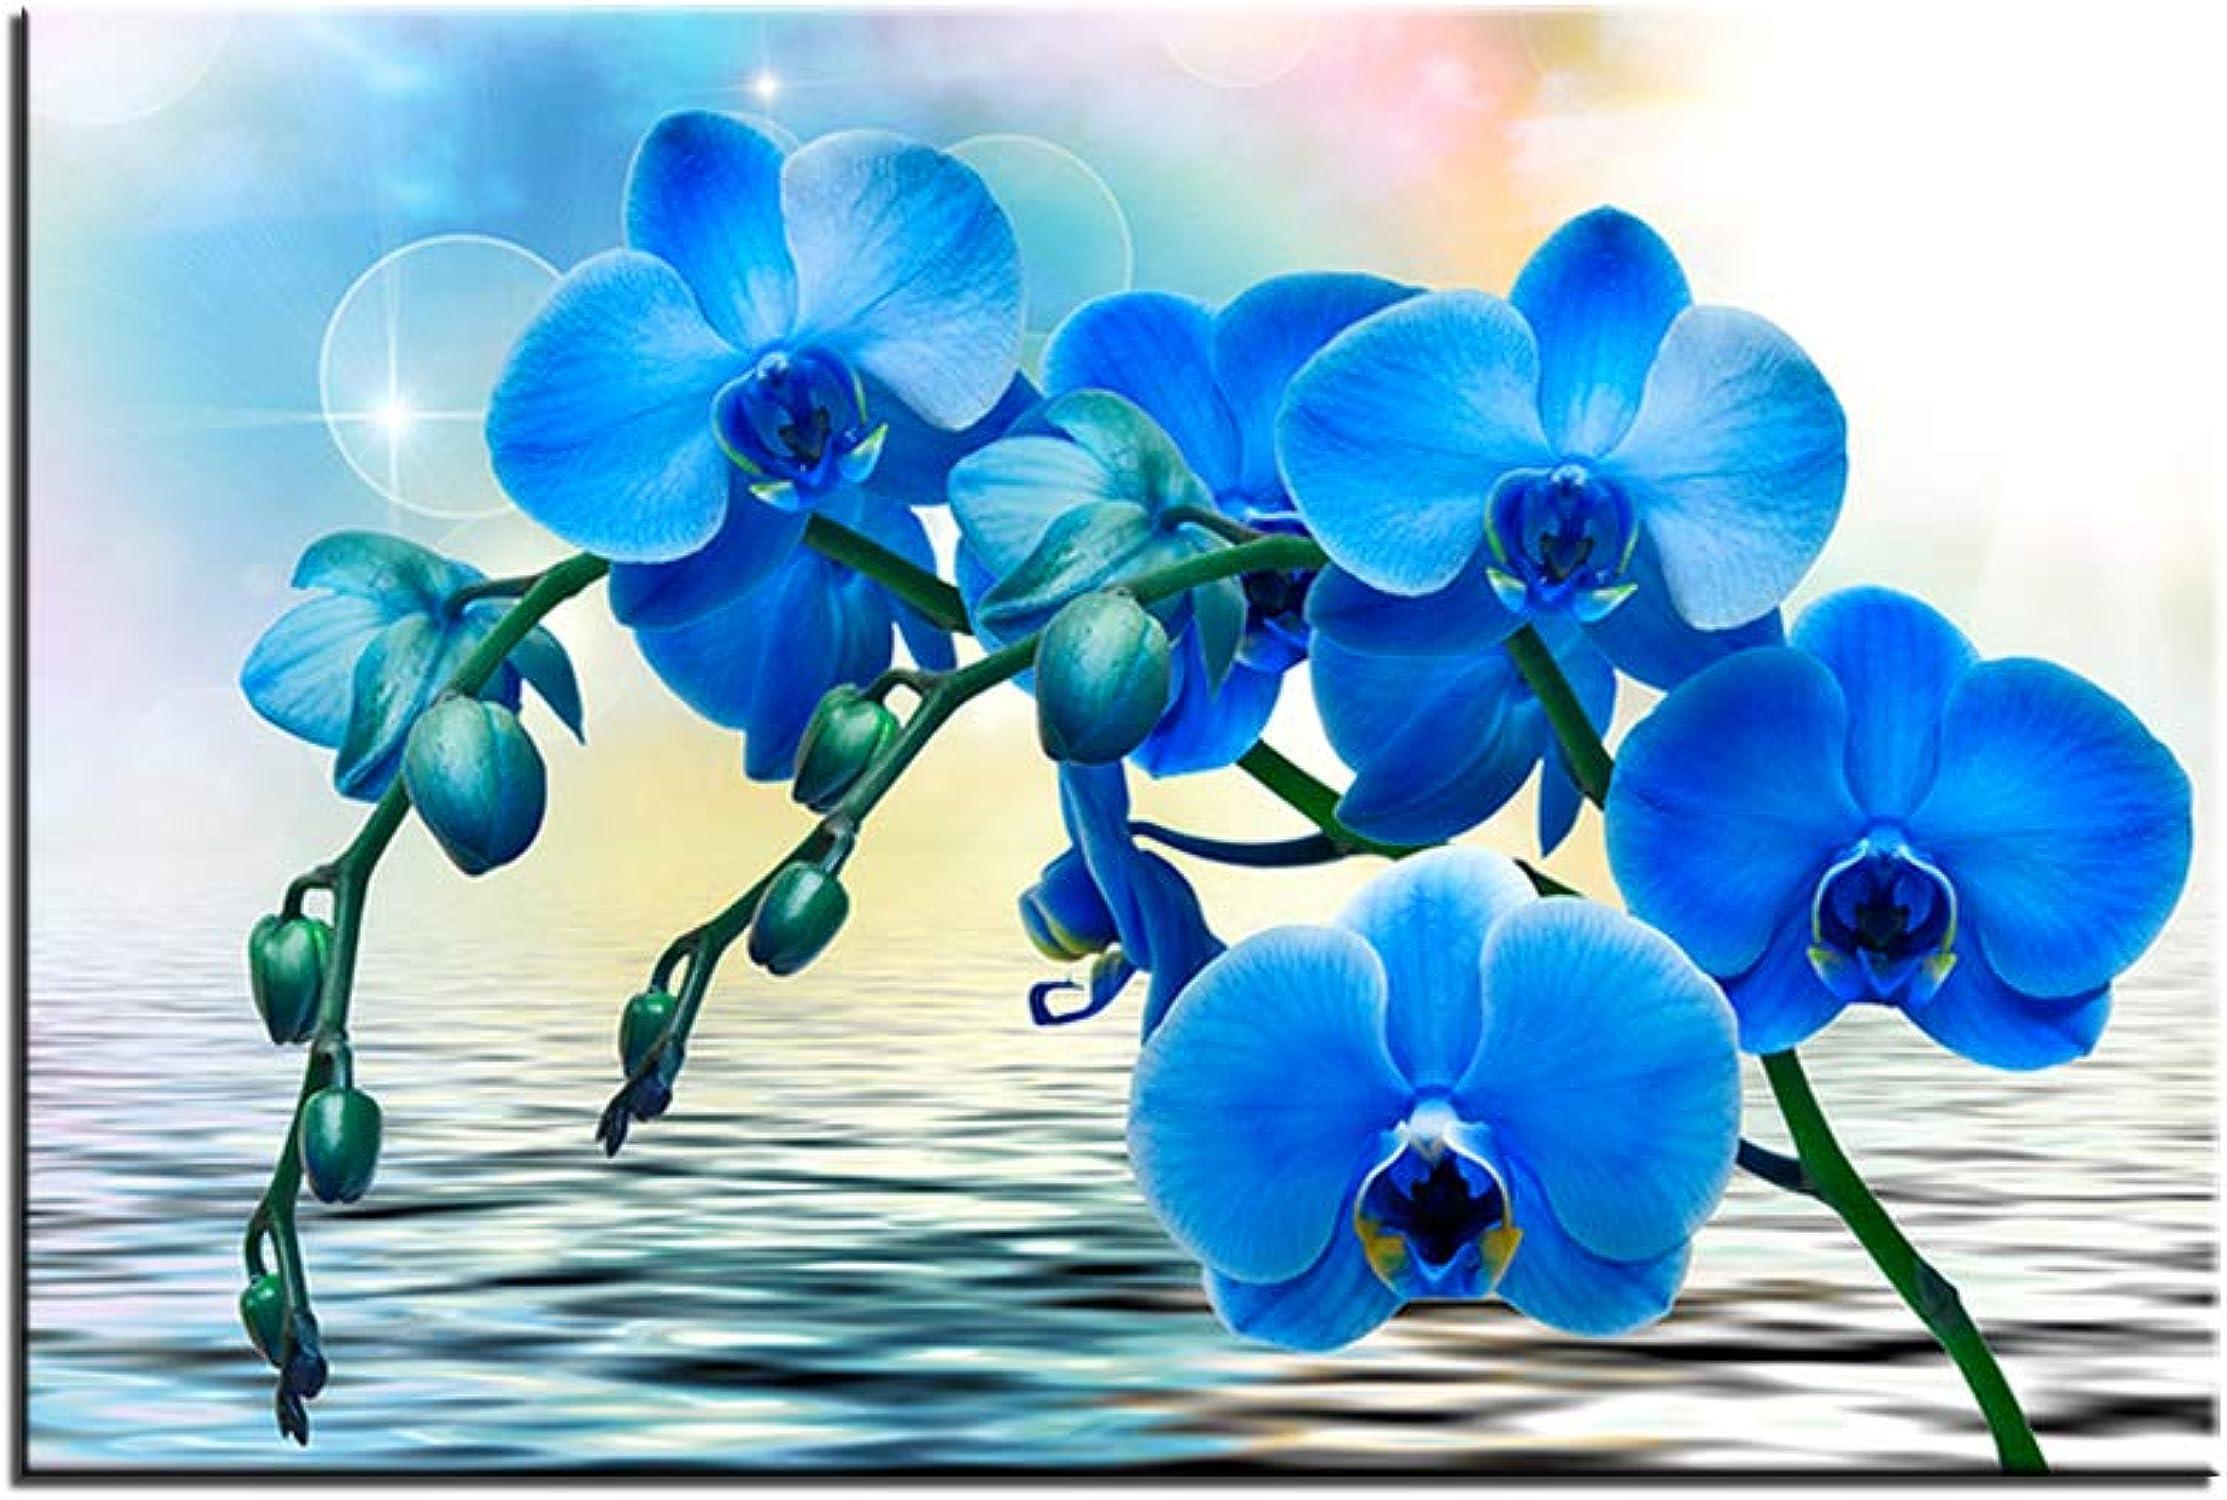 mejor vendido Pinturas De Paisajes Lienzo Grabaños HD Azul Azul Azul Acuarela Flores Cuadros Modulares Arte De La Parojo Cartel Decorativo (con Marco,50x70 cm) (con Marco,50x70 cm)  mejor oferta